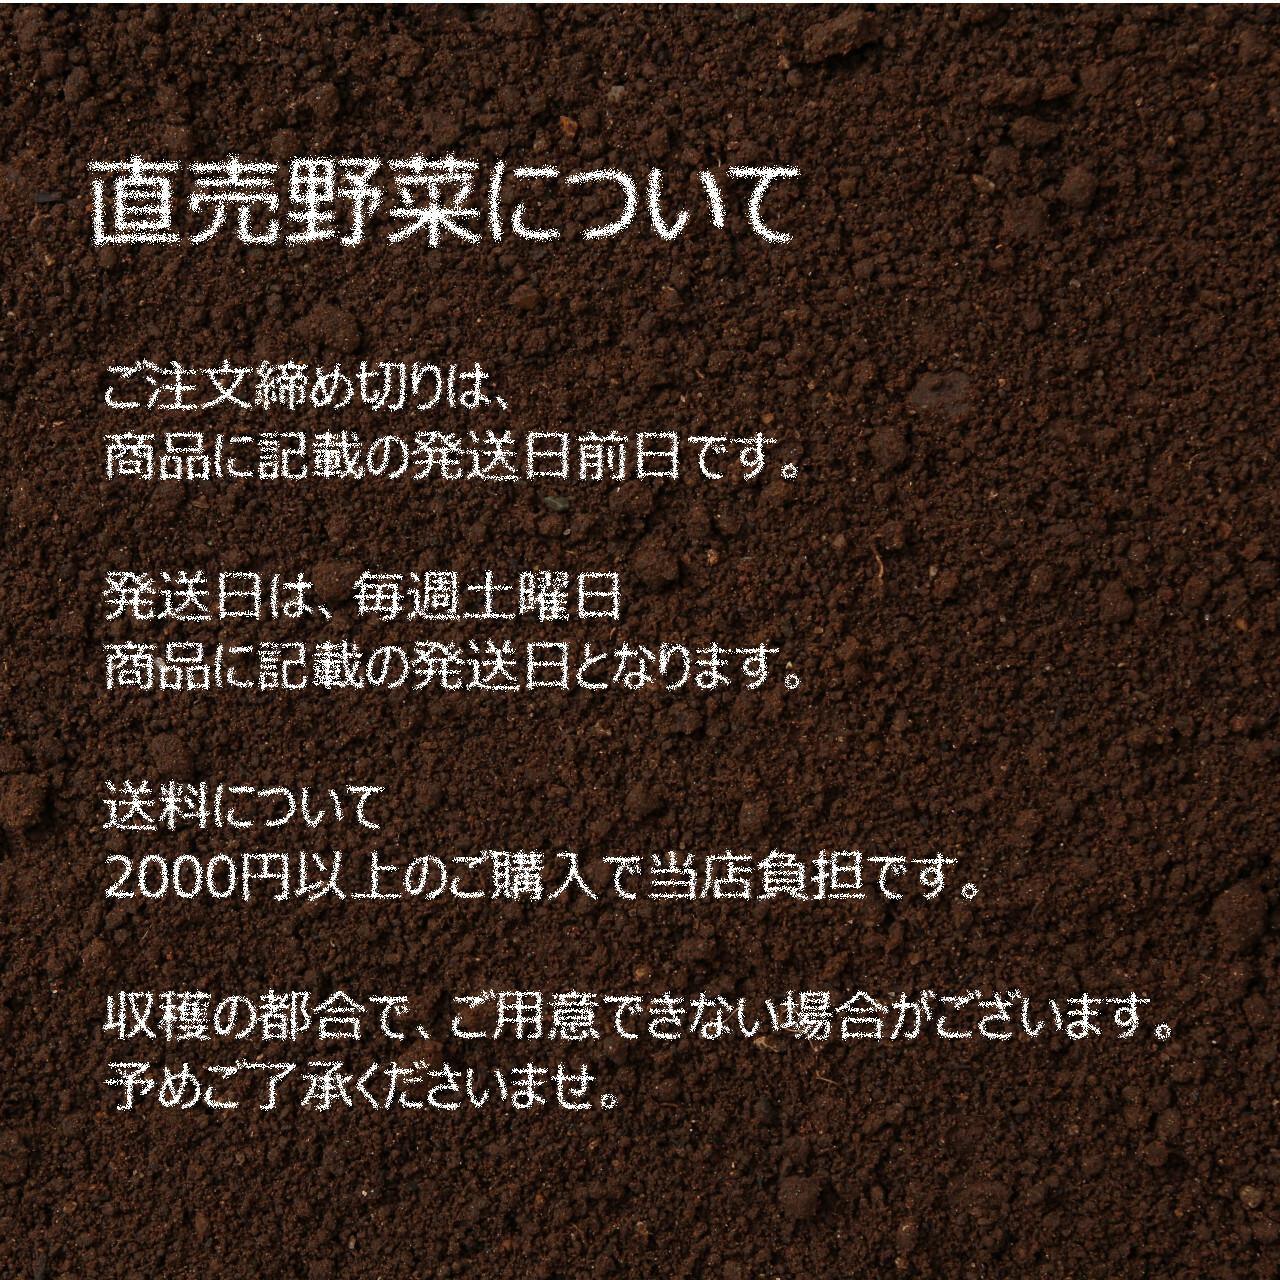 かわながれ菜 約350g前後 朝採り直売野菜 4月18日発送予定